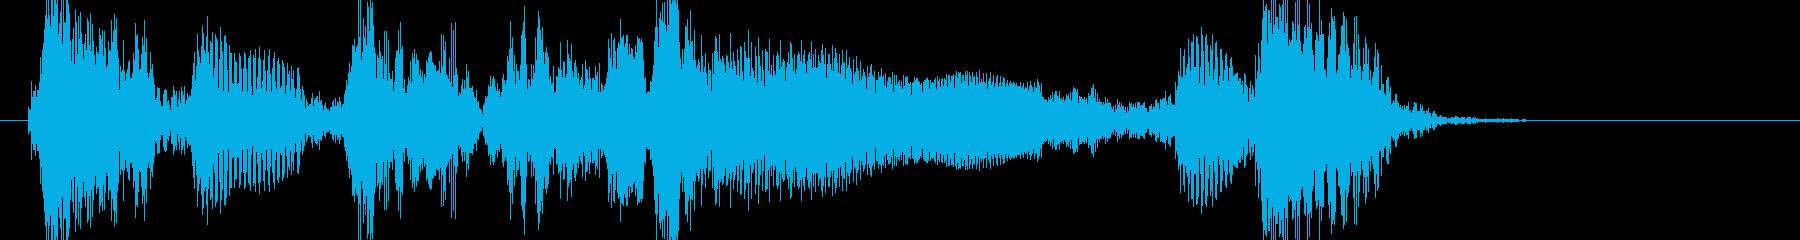 アコギ 生音 ブルースジングルの再生済みの波形